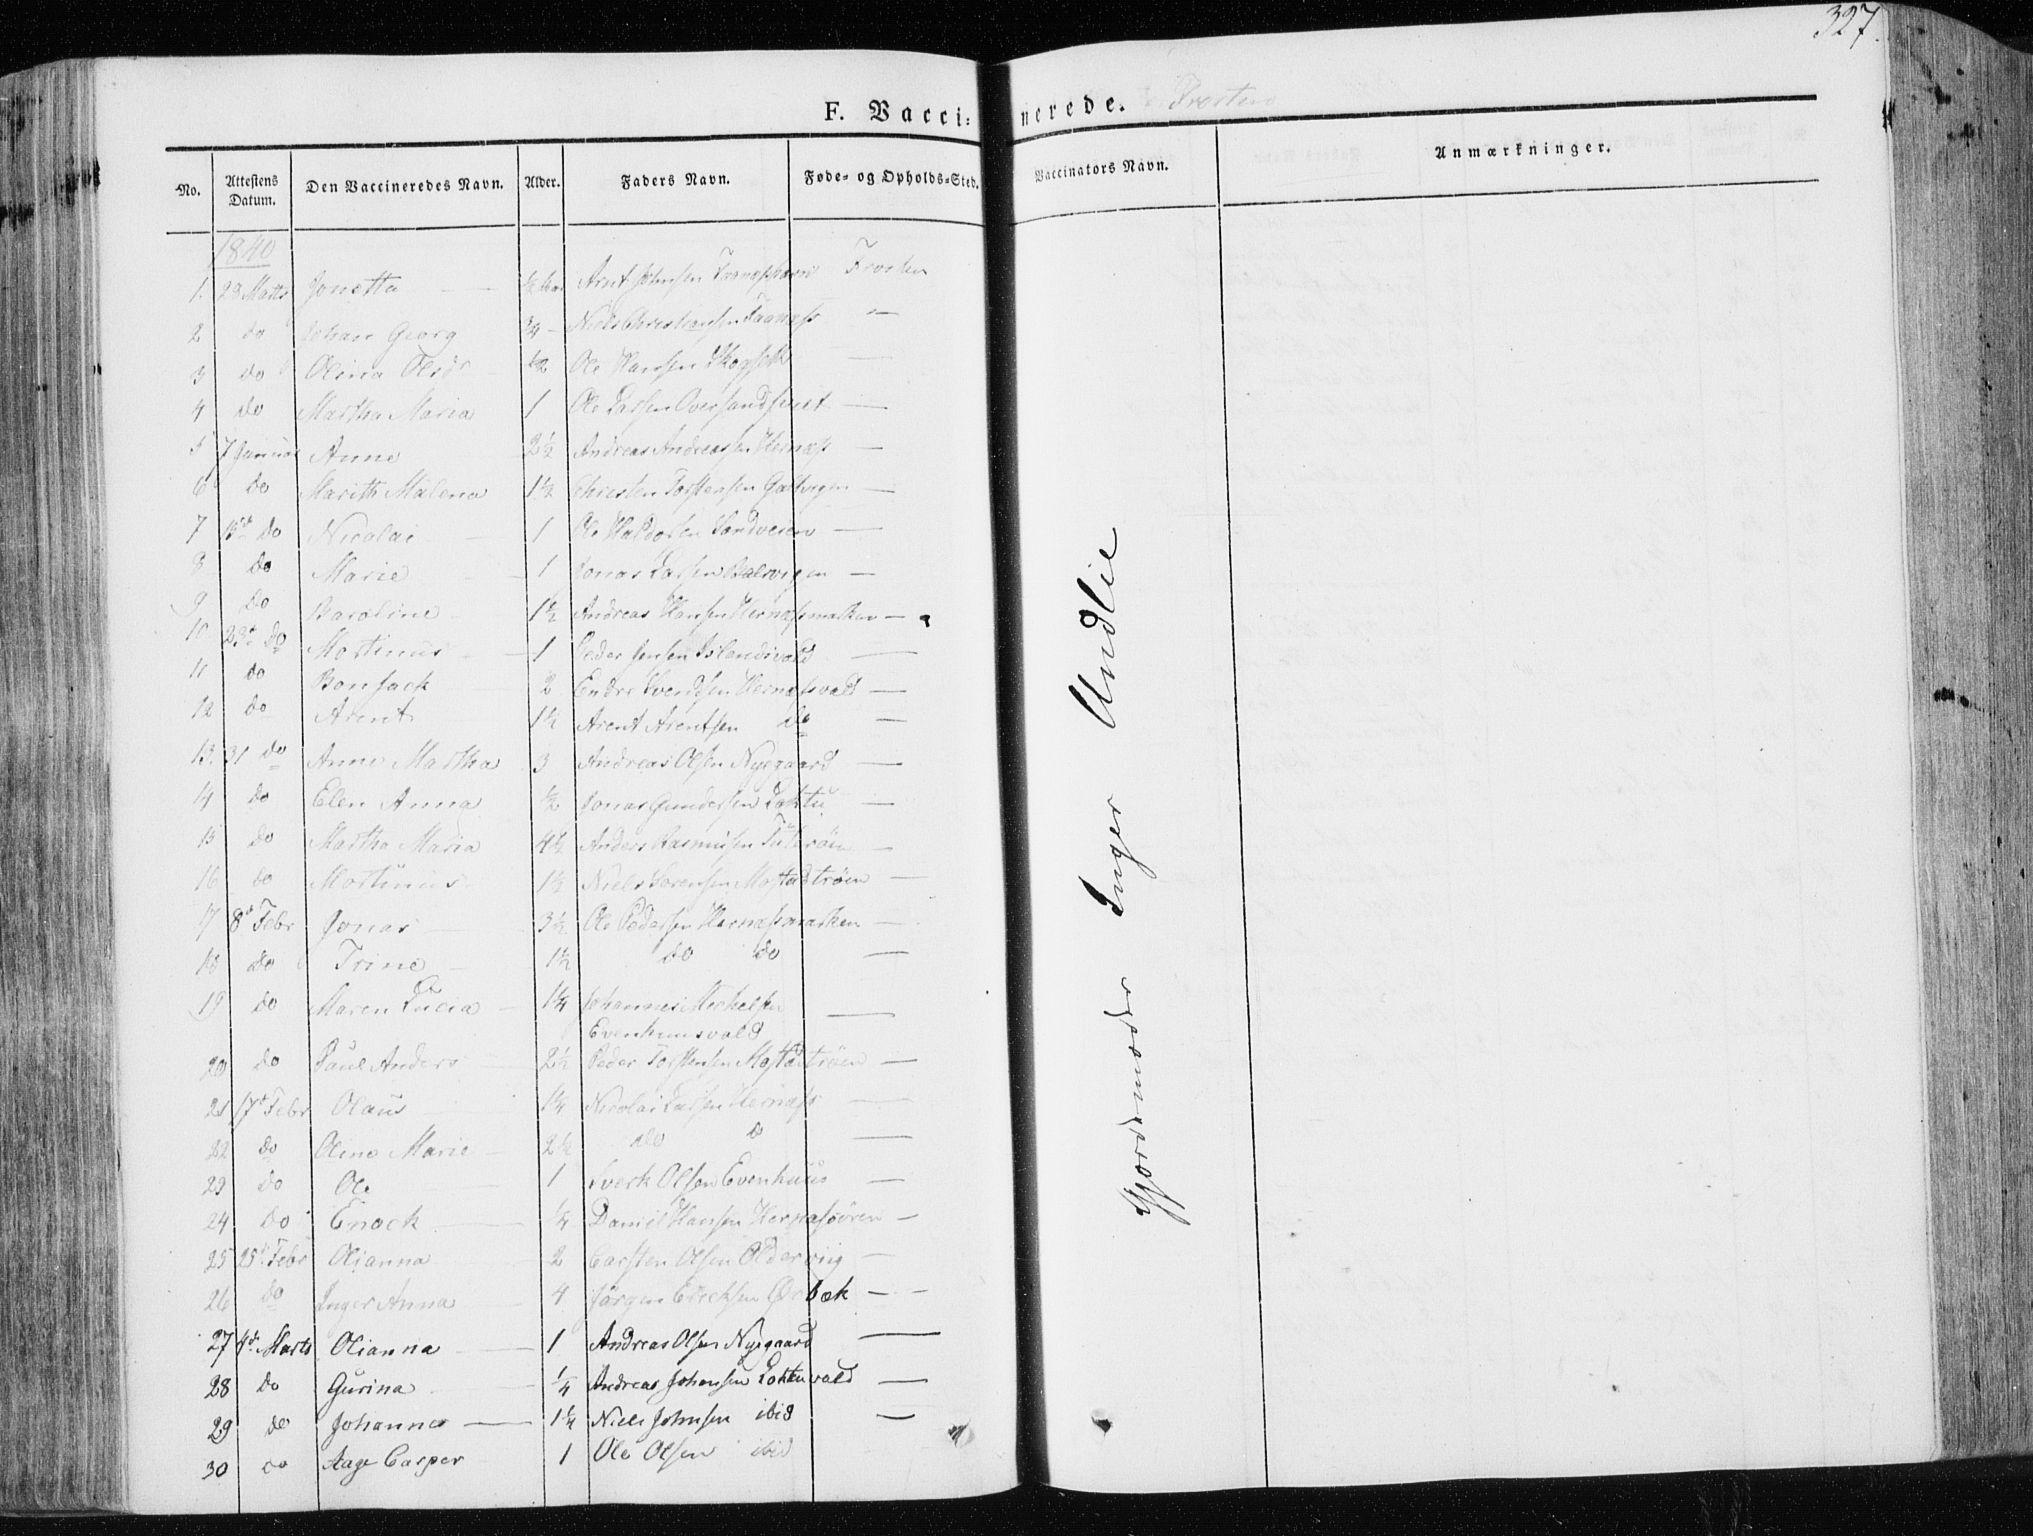 SAT, Ministerialprotokoller, klokkerbøker og fødselsregistre - Nord-Trøndelag, 713/L0115: Ministerialbok nr. 713A06, 1838-1851, s. 327